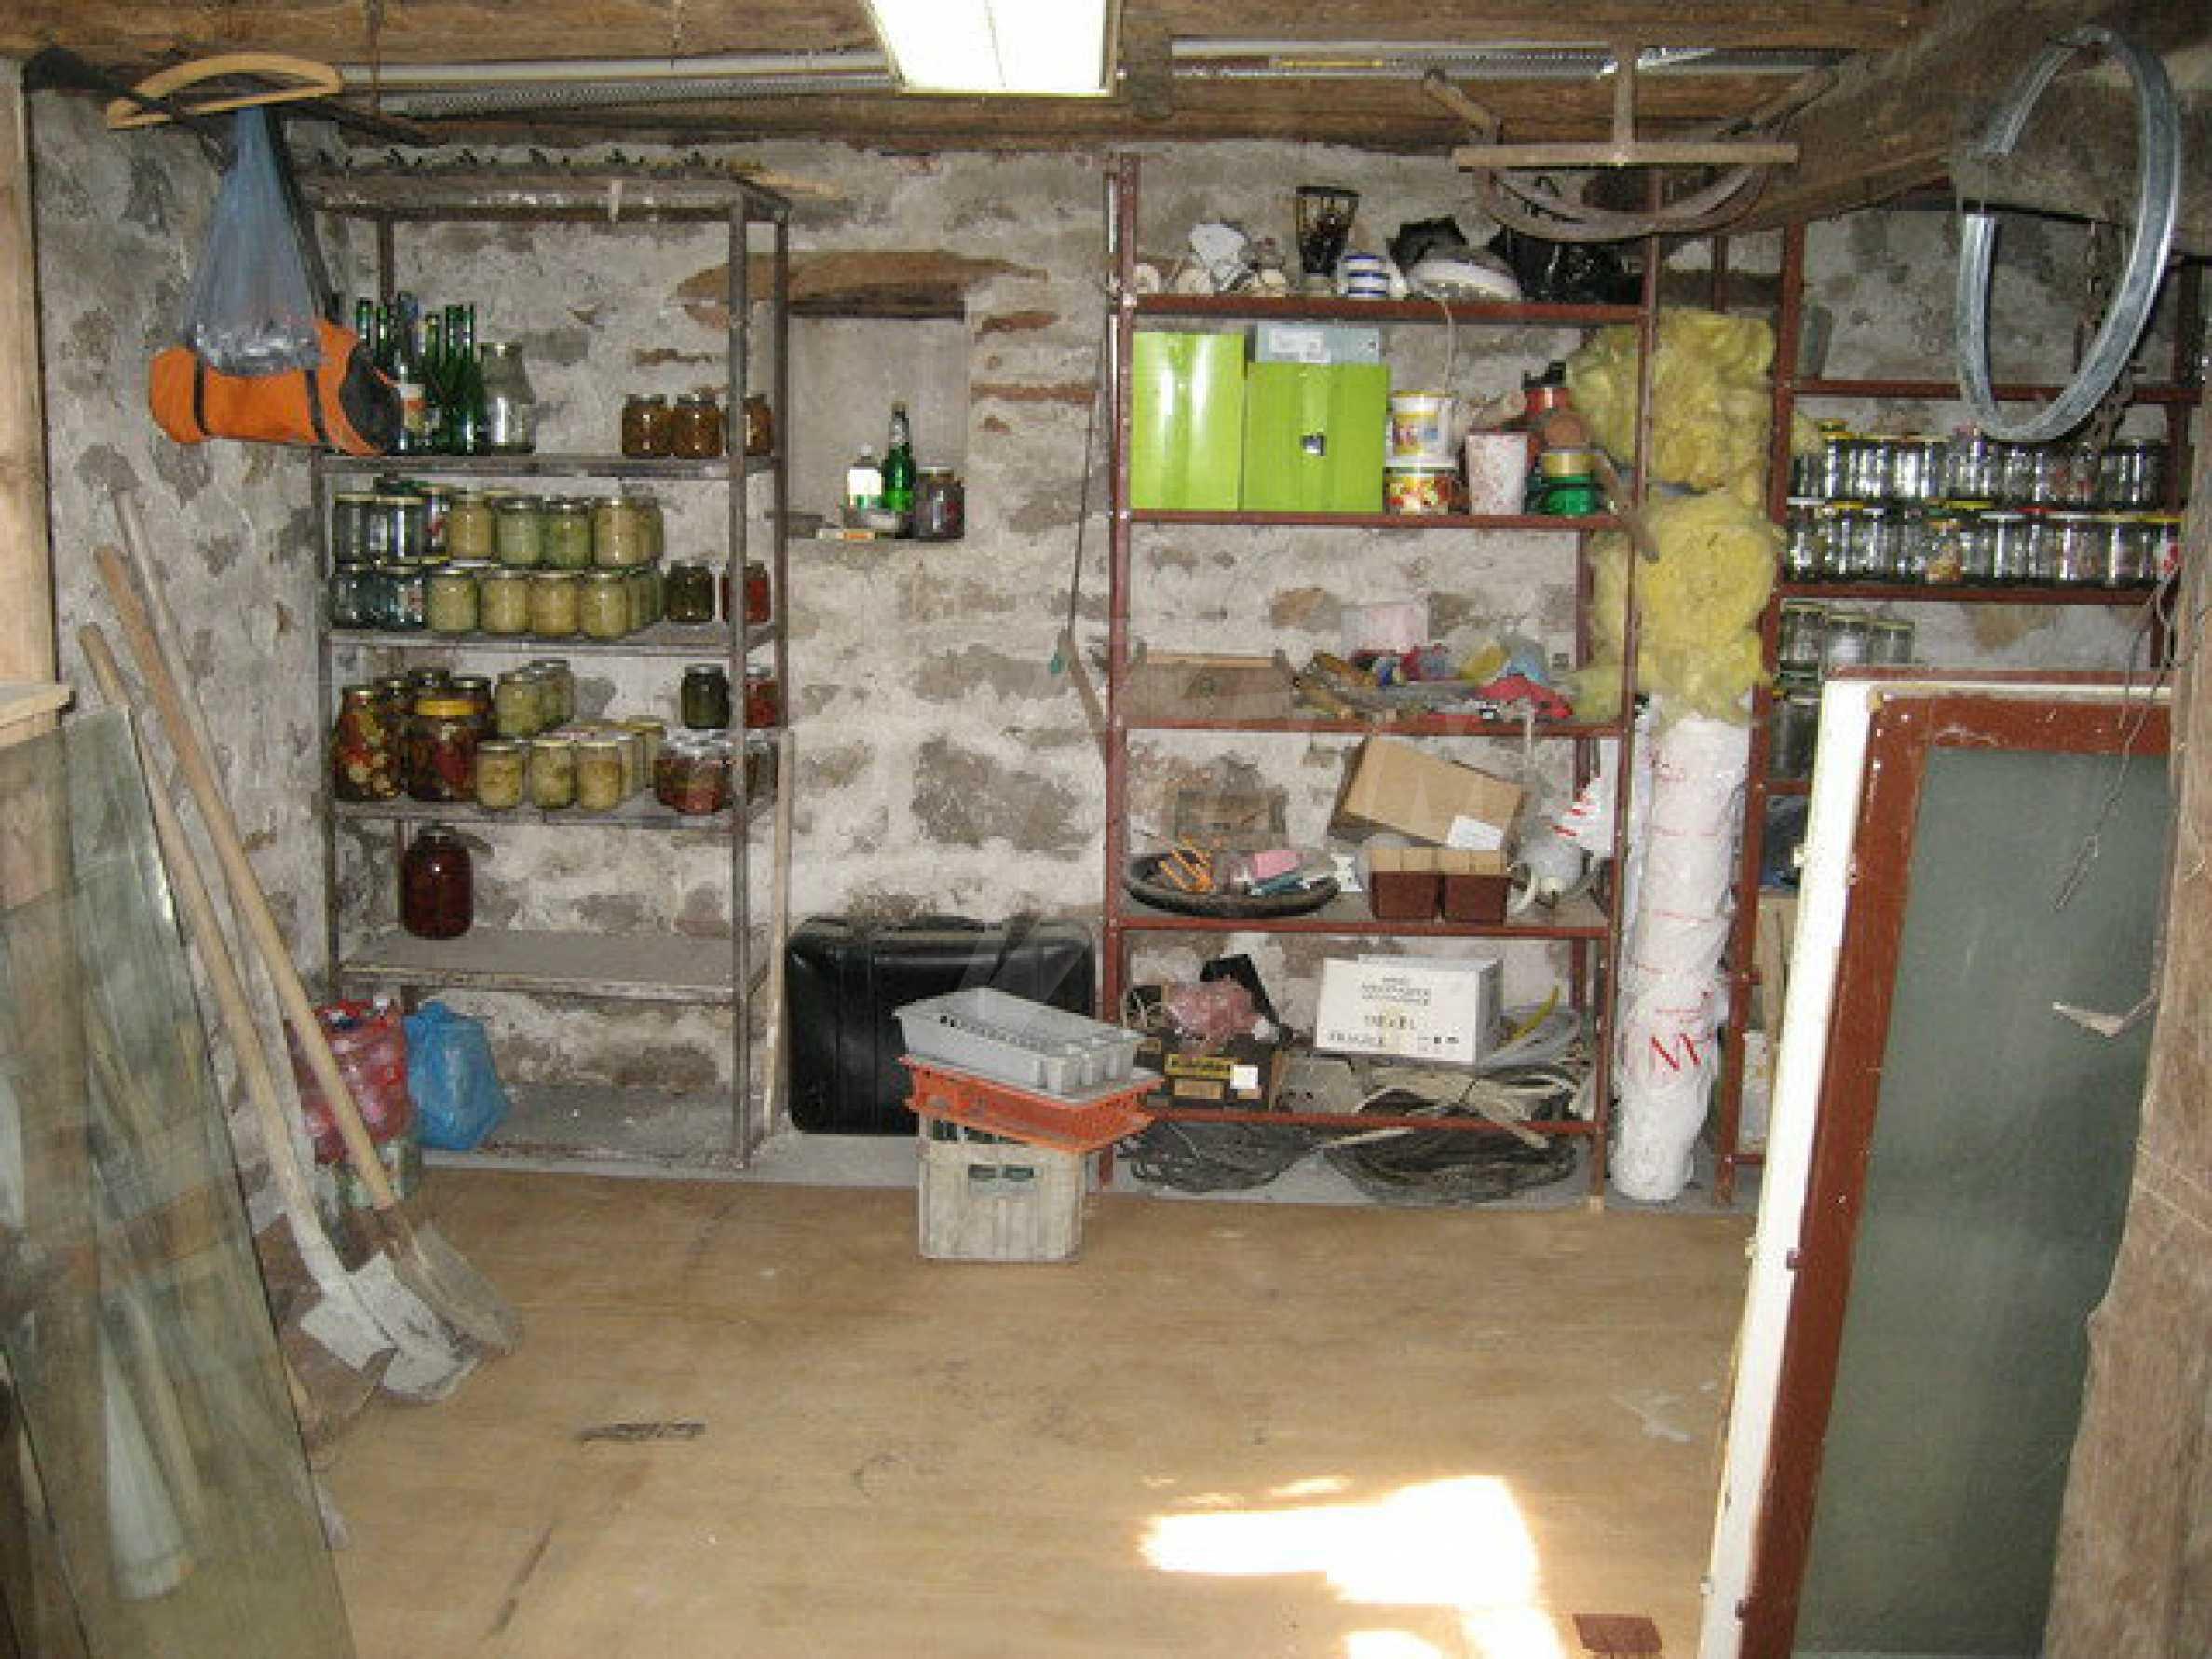 Wohnhaus in einer malerischen Gegend in der Nähe von Veliko Tarnovo 25